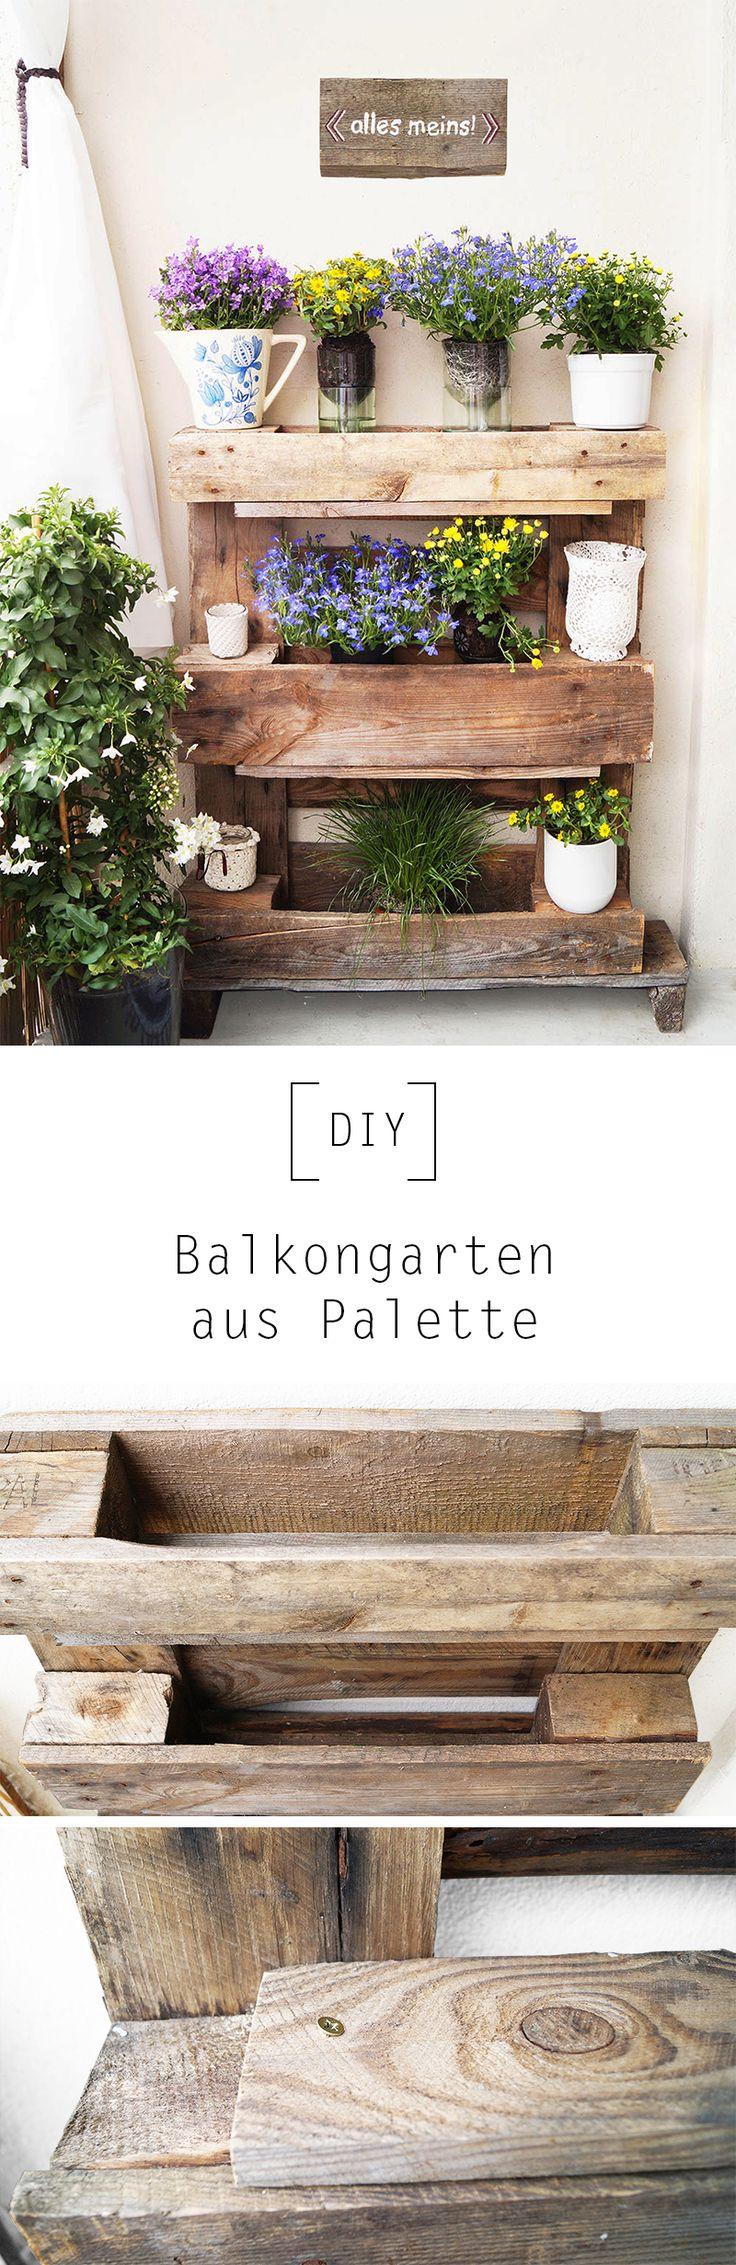 17 Best Ideas About Paletten Gartenmöbel On Pinterest ... 19 Erstaunliche Design Ideen Outdoor Bereich